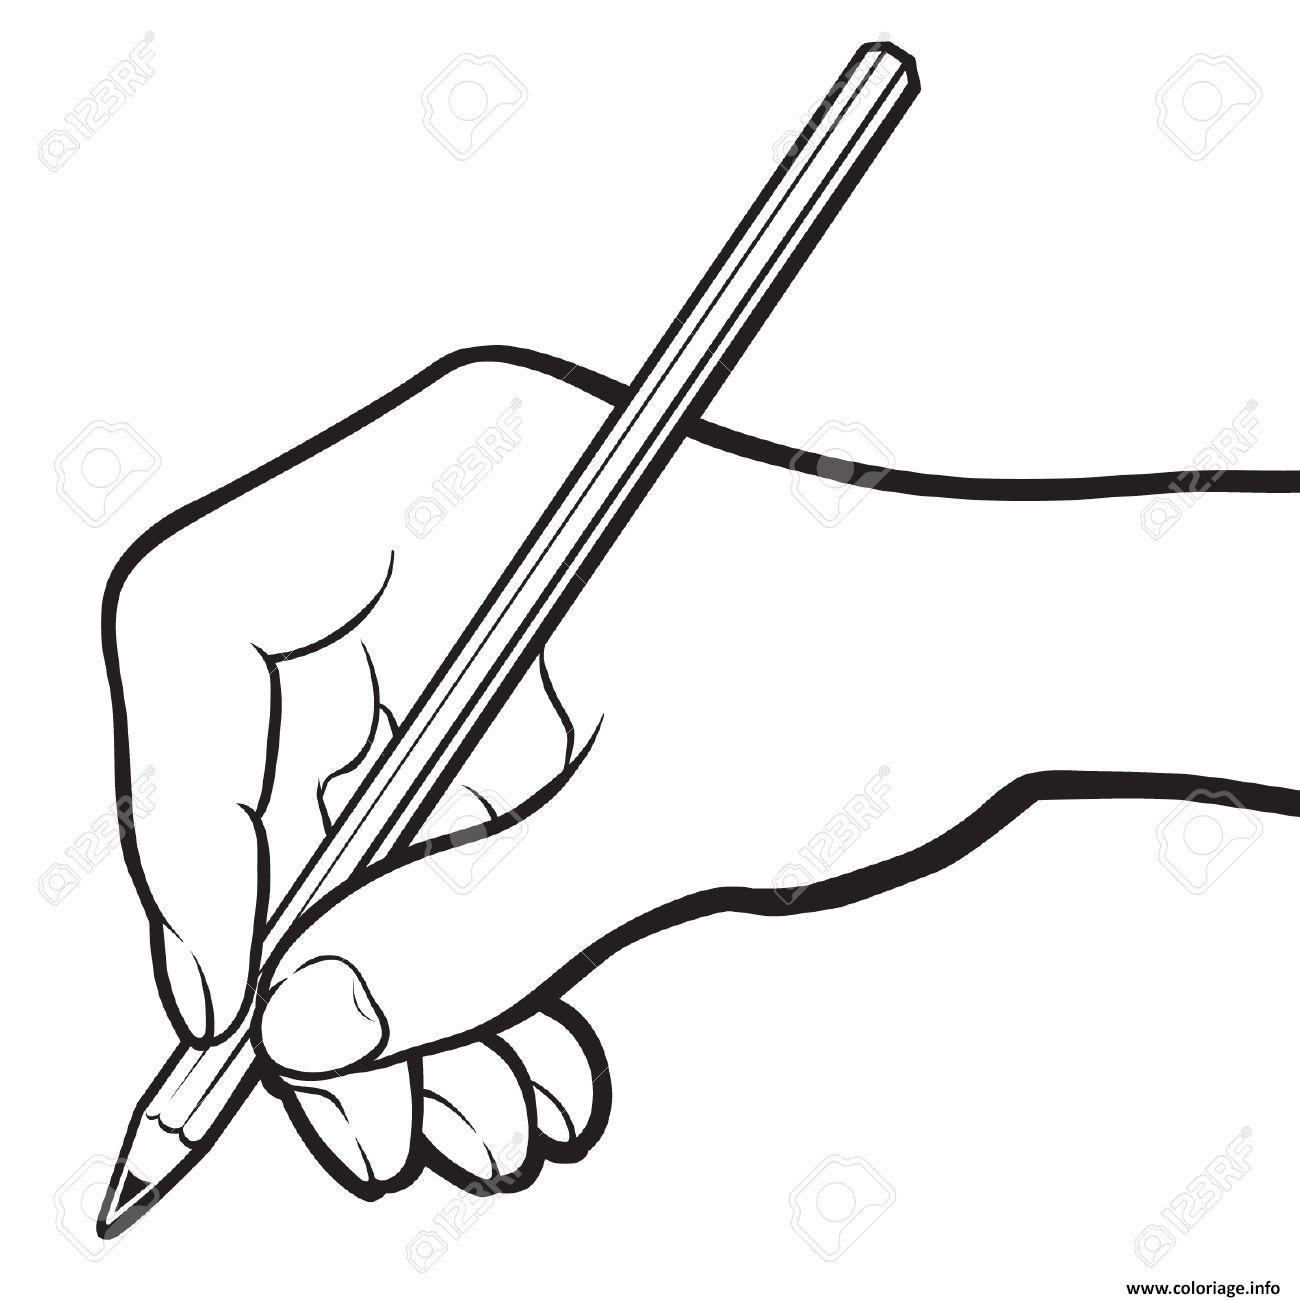 Dessin main avec un crayon Coloriage Gratuit à Imprimer